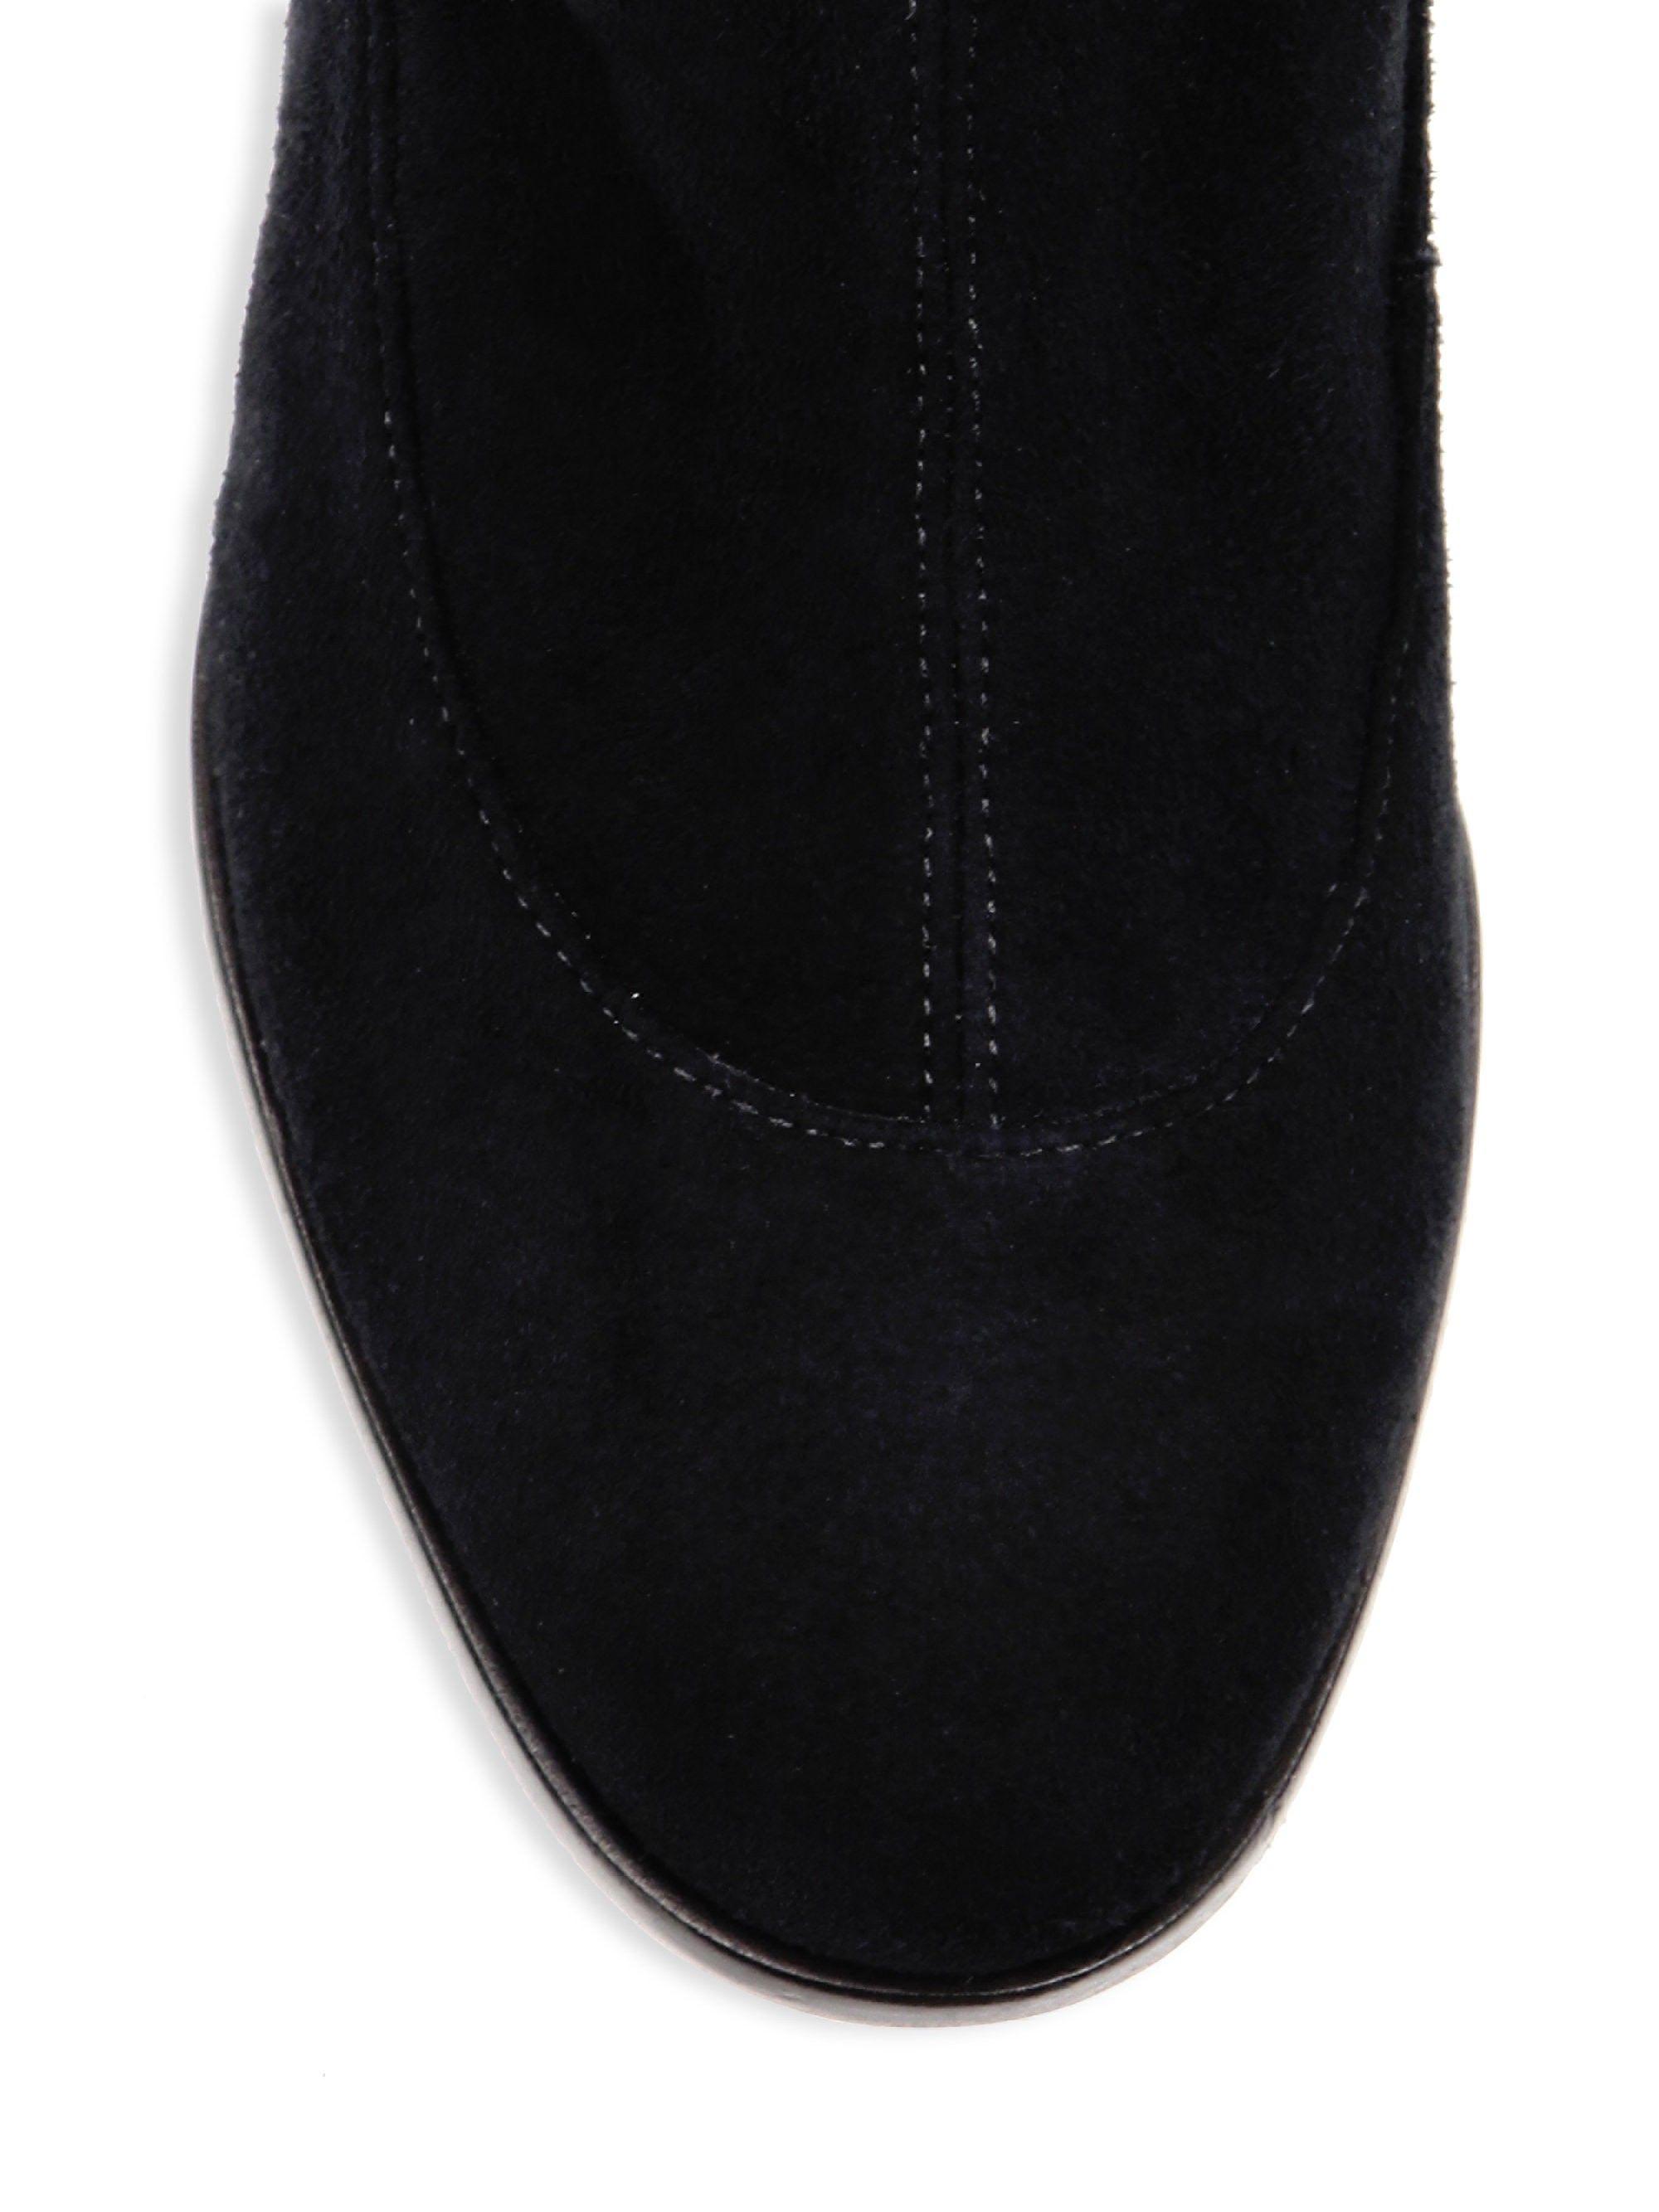 bab4de942b4 Sophia Webster Suranne Over-The-Knee Stretch Suede Boots - Black 40 (10)